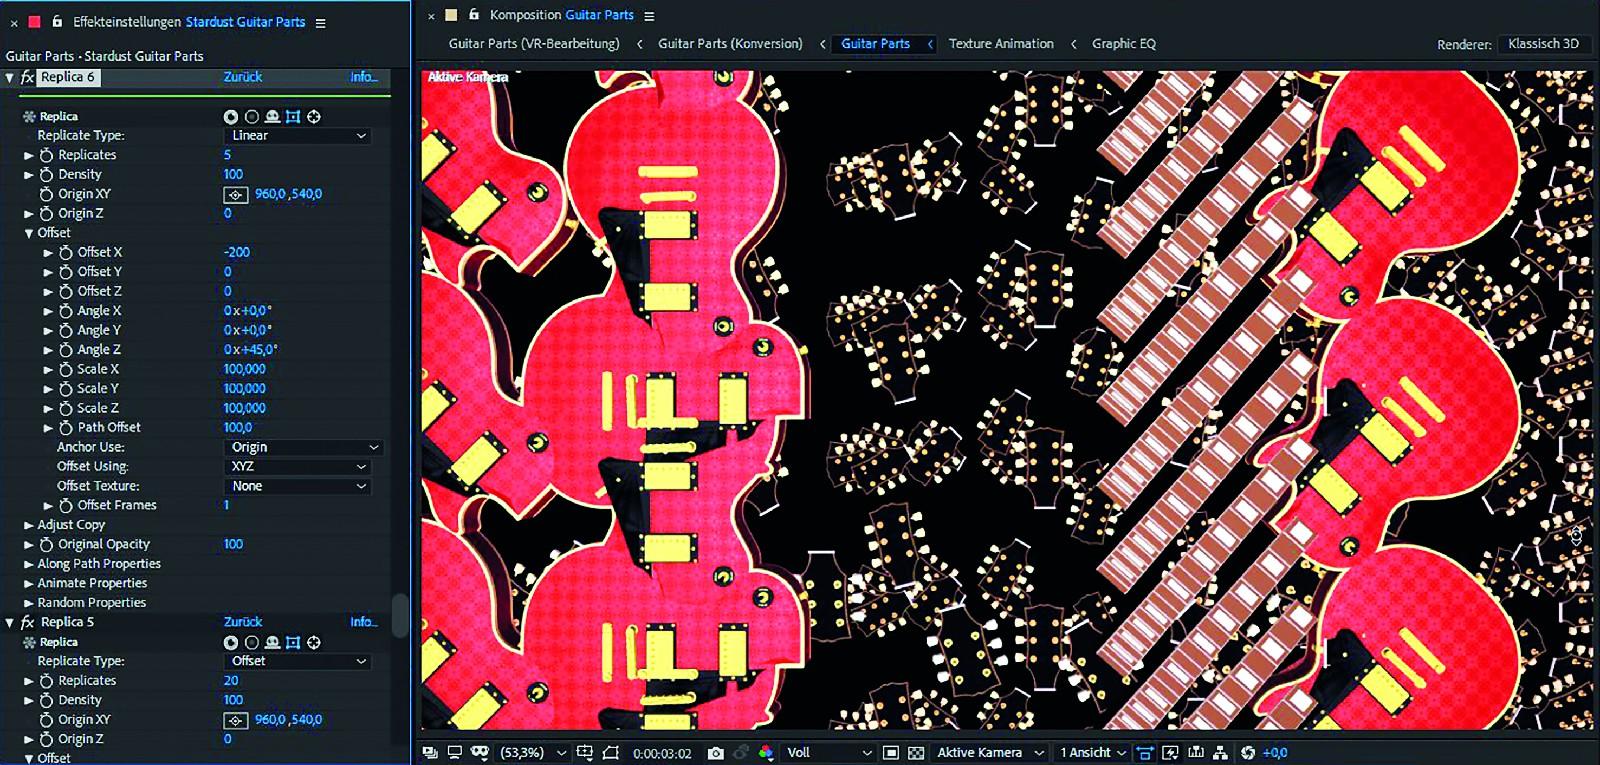 Die 4 Gitarrenparts mit Replikatoren